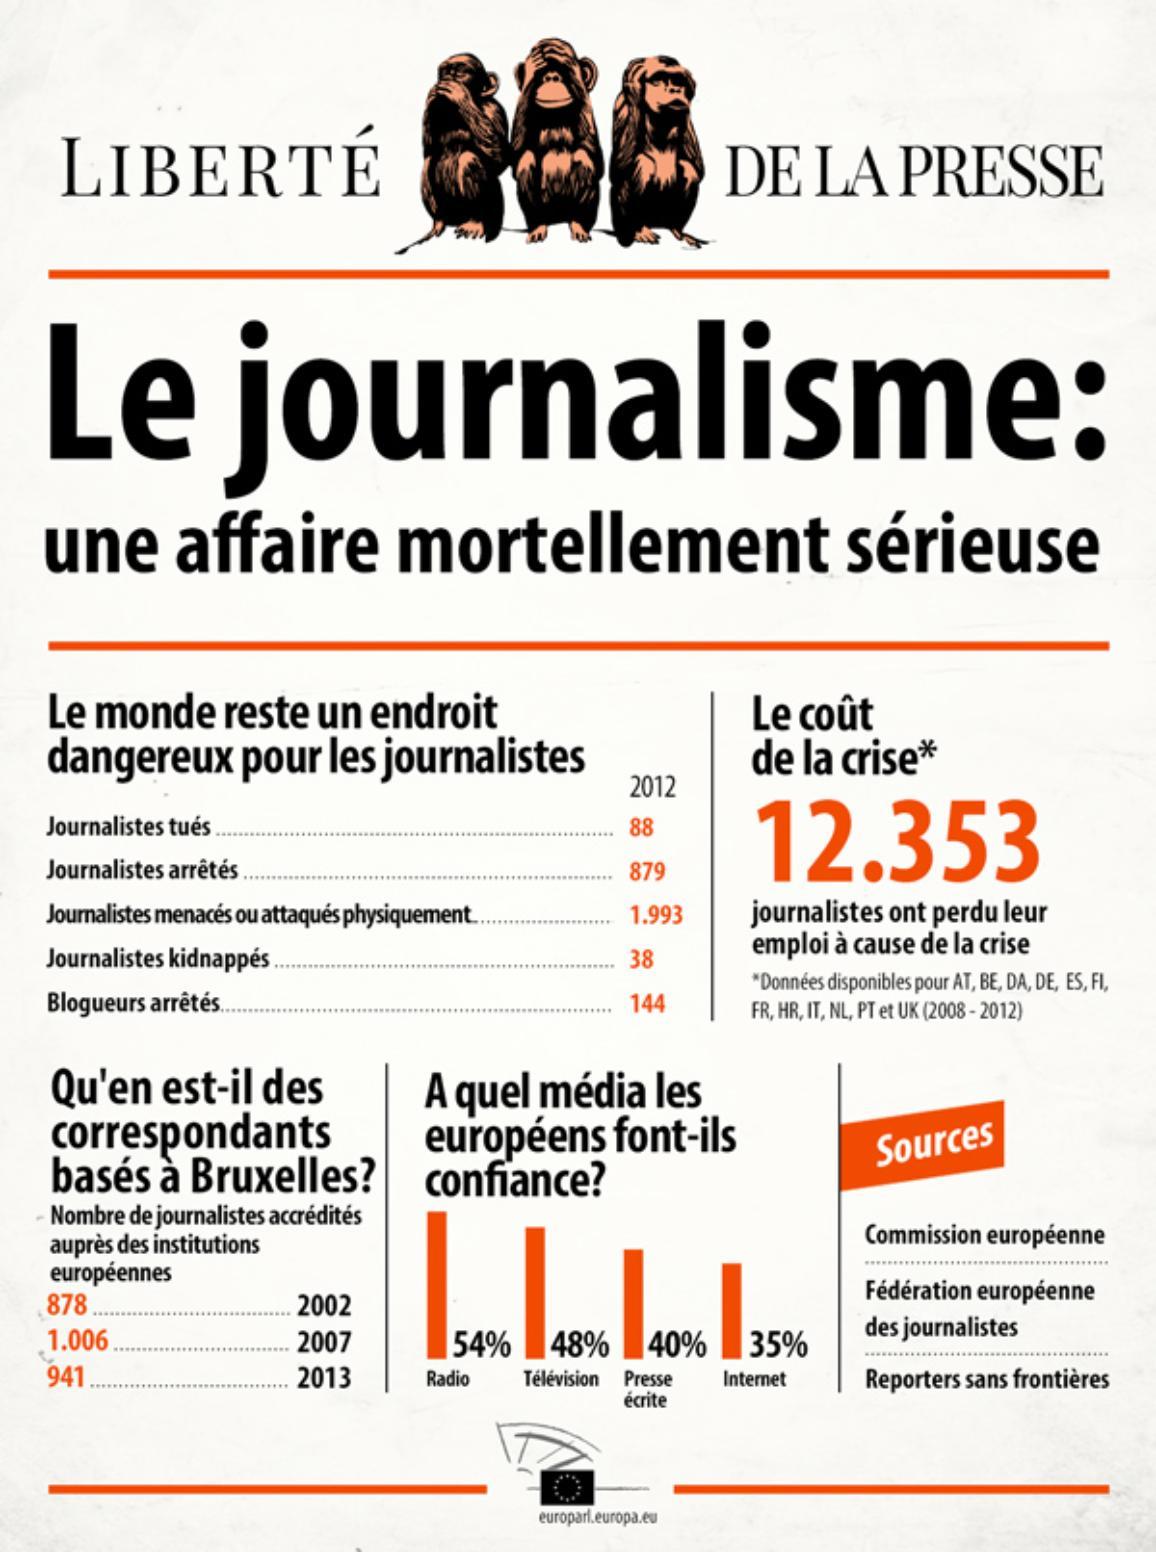 Infographie sur la liberté de la presse